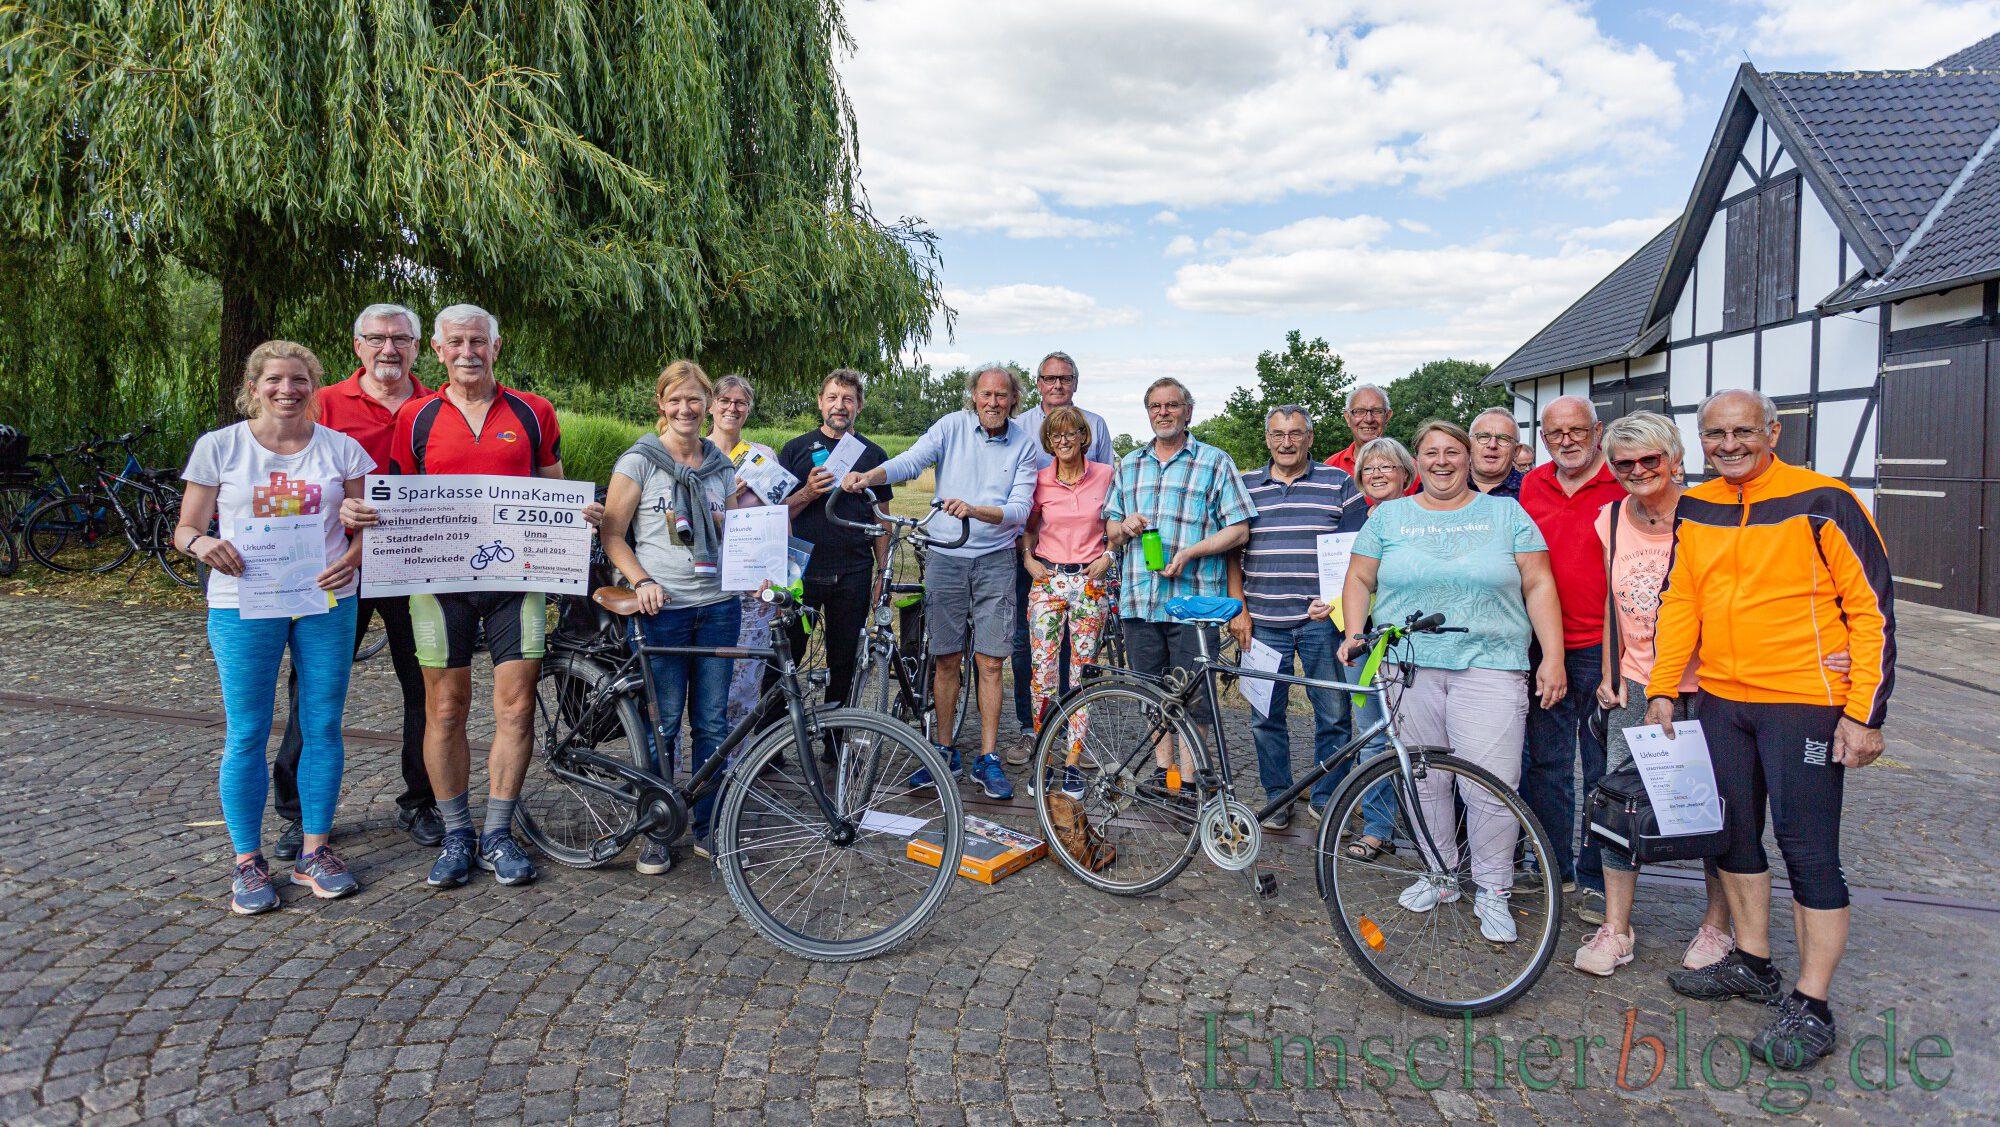 Die Umweltberauftragte der Gemeinde, Tanja Flormann (5.v.re.) hält für die Teams des gerade gestarteten Stadtradeln-Wettbewerbs die grünen Lenkerbändchen bereit: Die erfolgreichen Stadtradler des Jahres 2019 nach der Preisverleihung. (Foto: P. Gräber - Emscherblog)